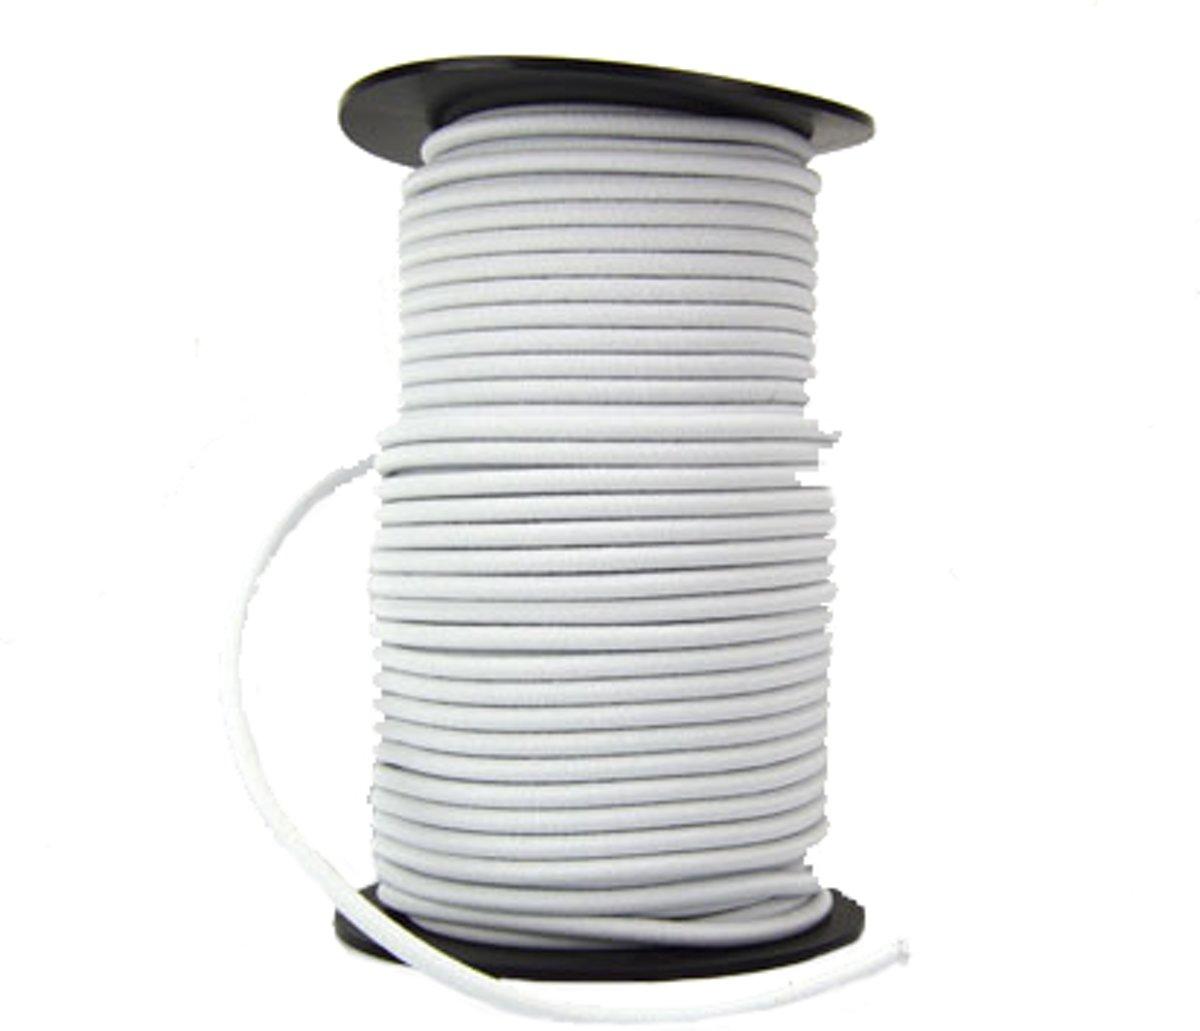 100 meter Elastisch Touw - 10 mm - WIT - elastiek op rol kopen